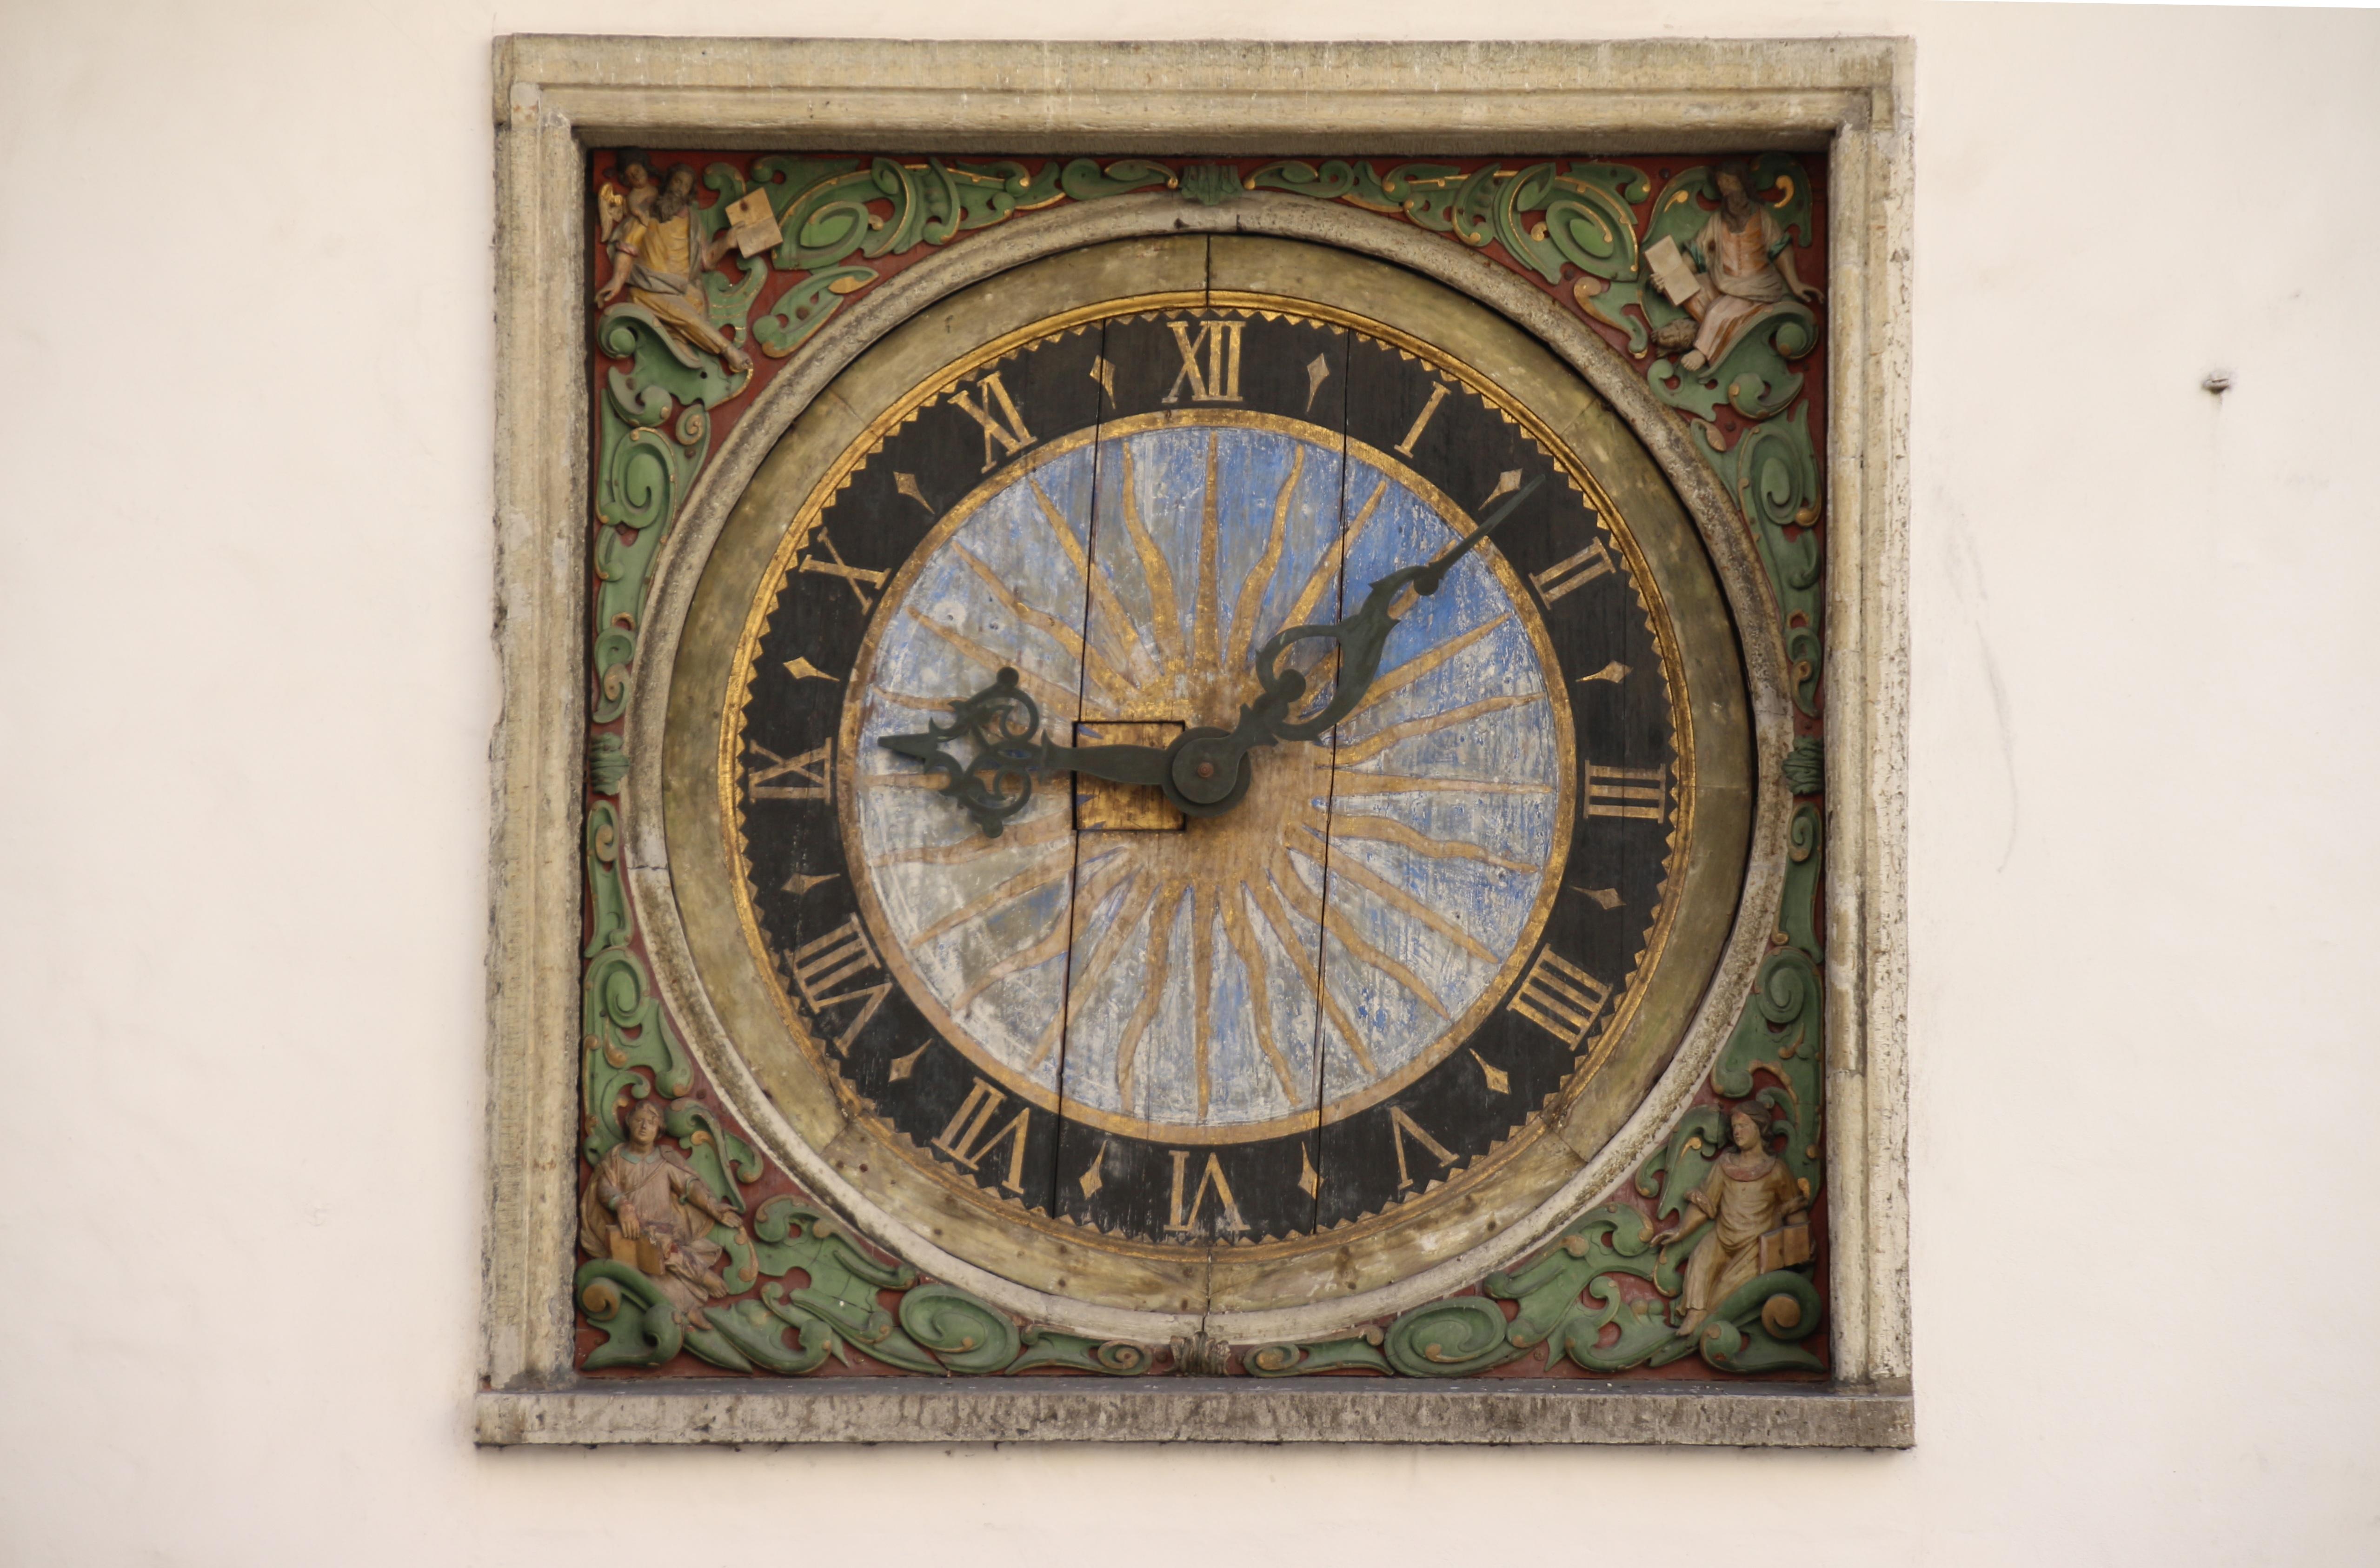 Fotos gratis : madera, antiguo, ventana, reloj, patrón, torre ...